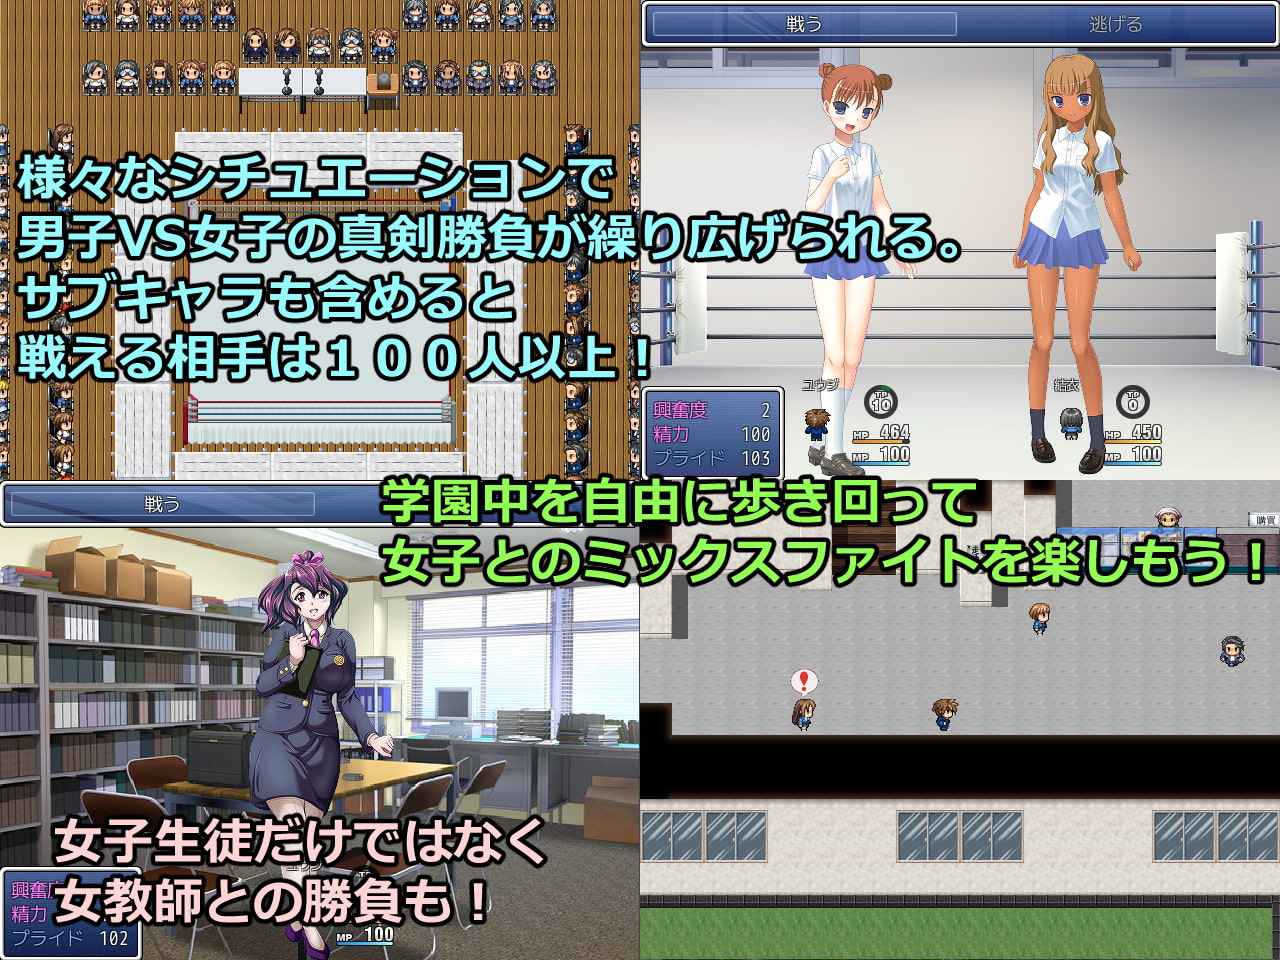 放課後ミックスファイターズー男子VS女子格闘バトルー4